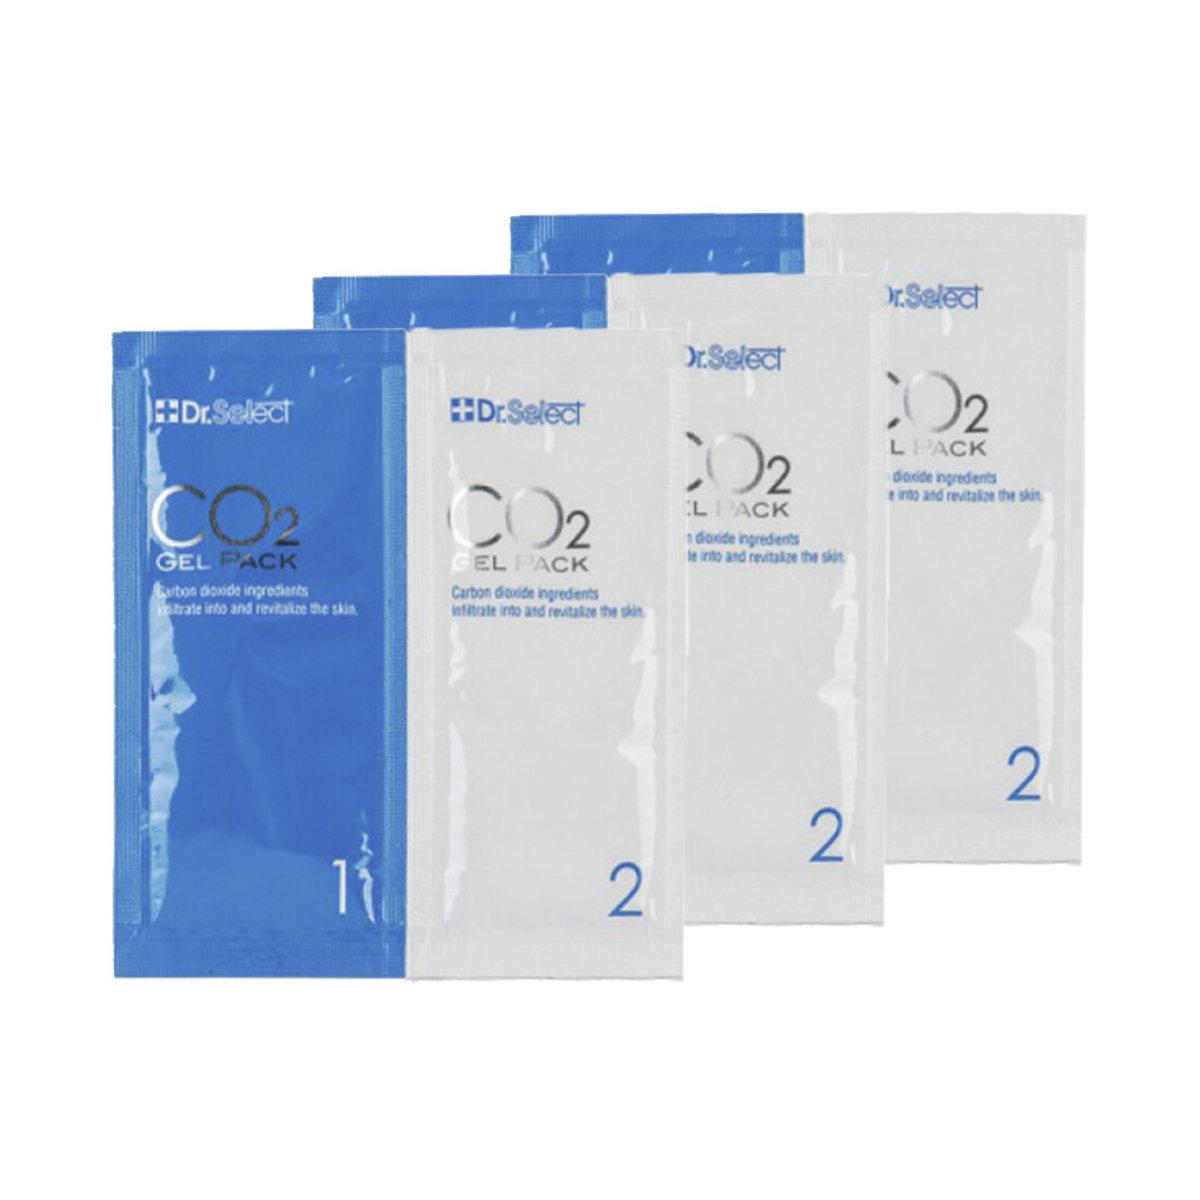 CO2 Gel Mask (3 packs)